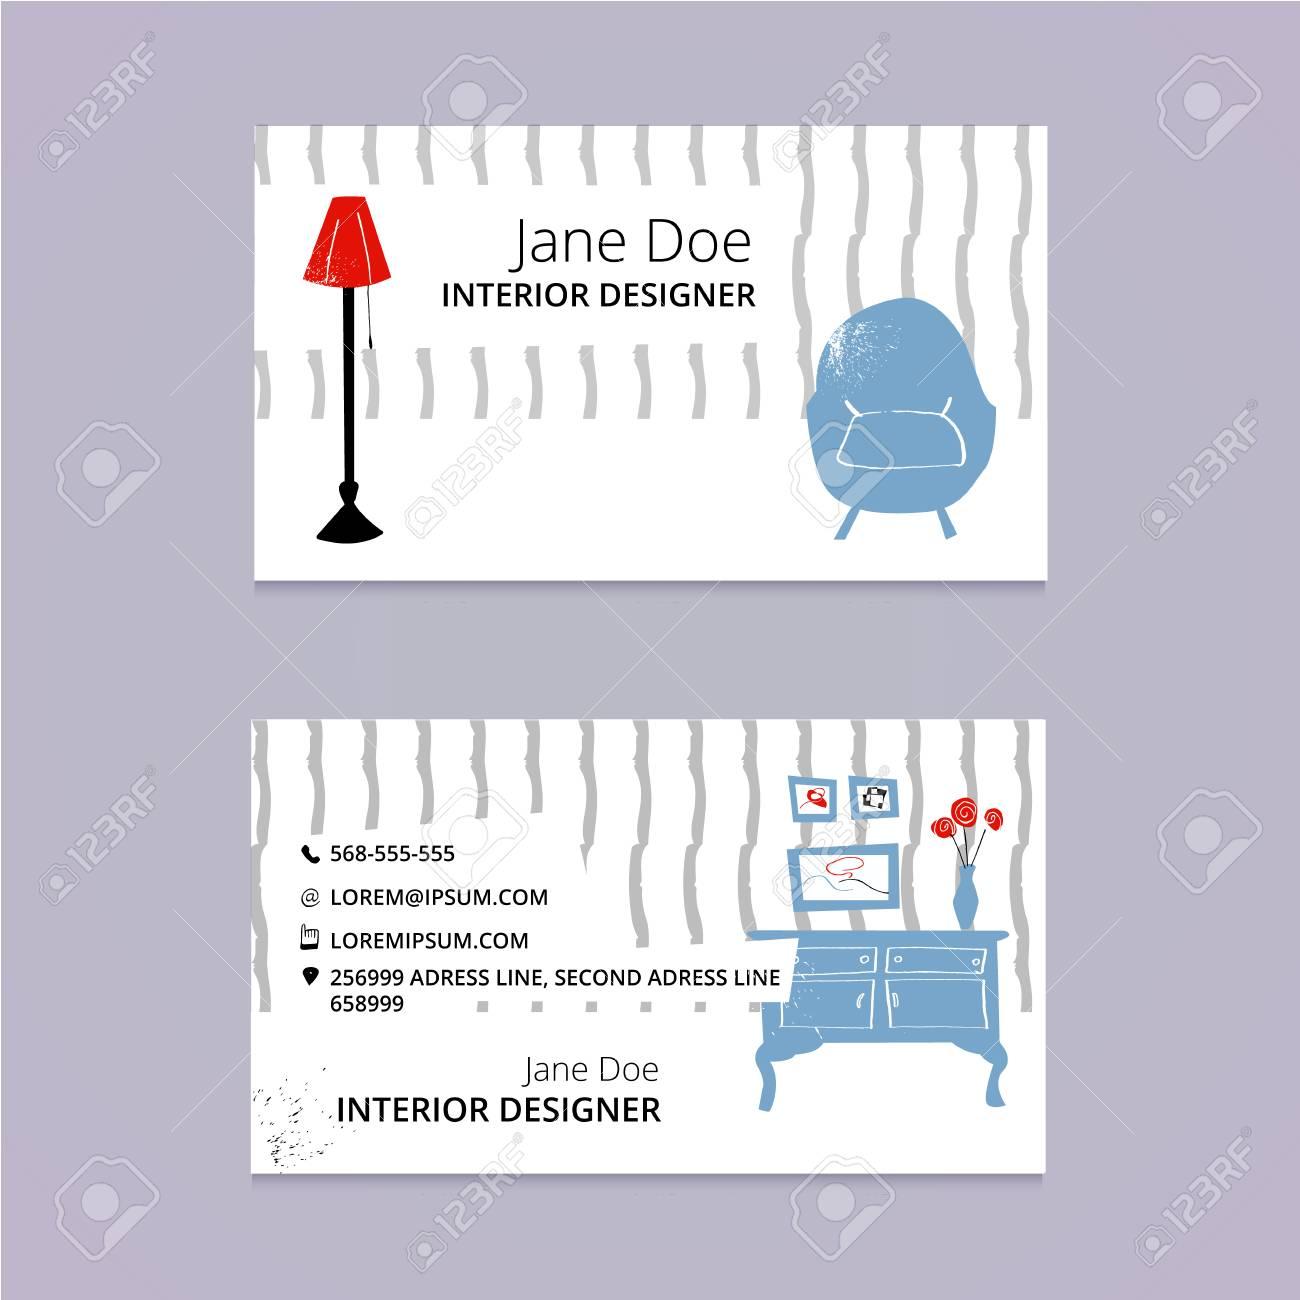 Design Dintrieur Modle De Carte Visite Croquis Dessin